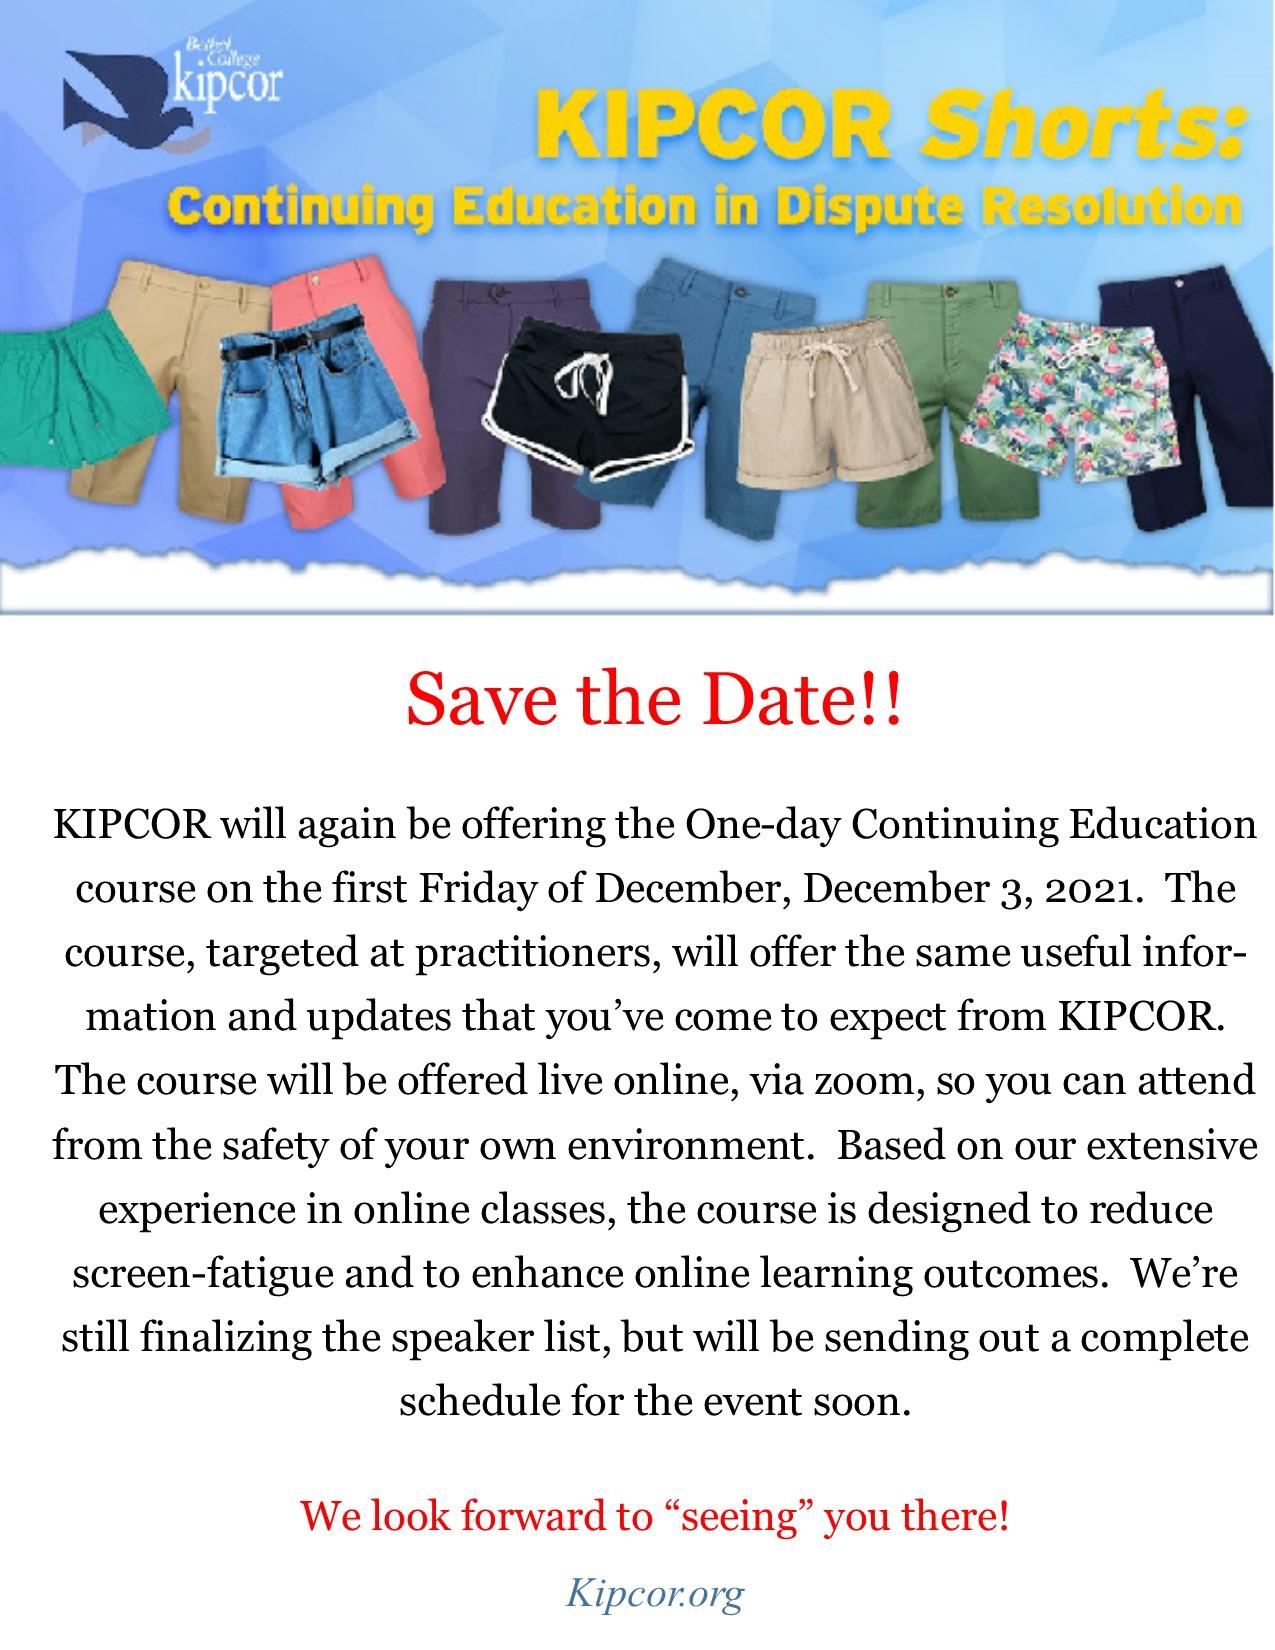 KIPCOR Shorts 2021  Save the Date!!!!